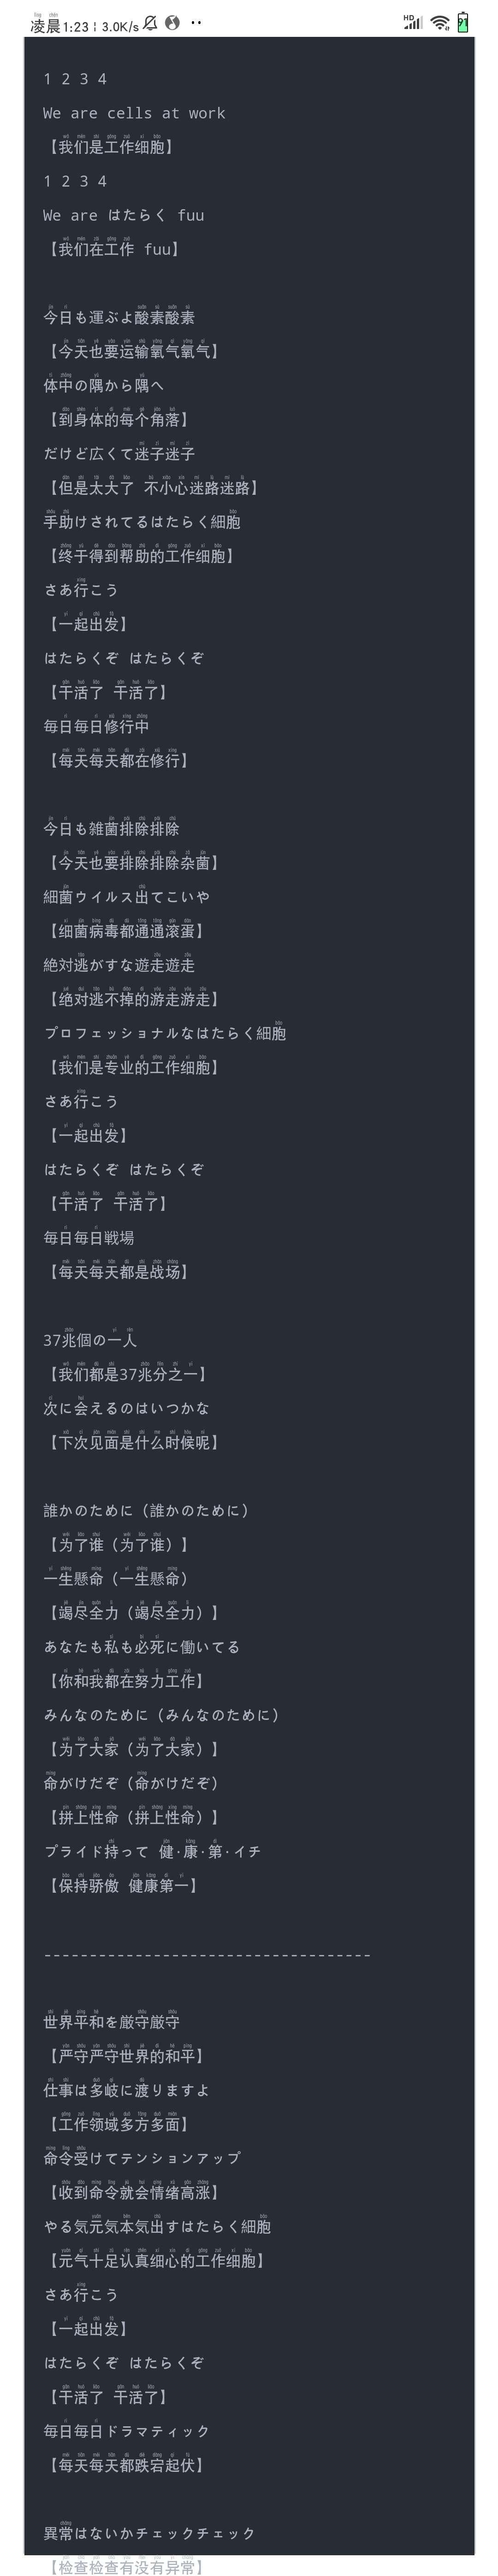 【音乐】ミッション!健·康·第·イチ (使命!健·康·第·一)